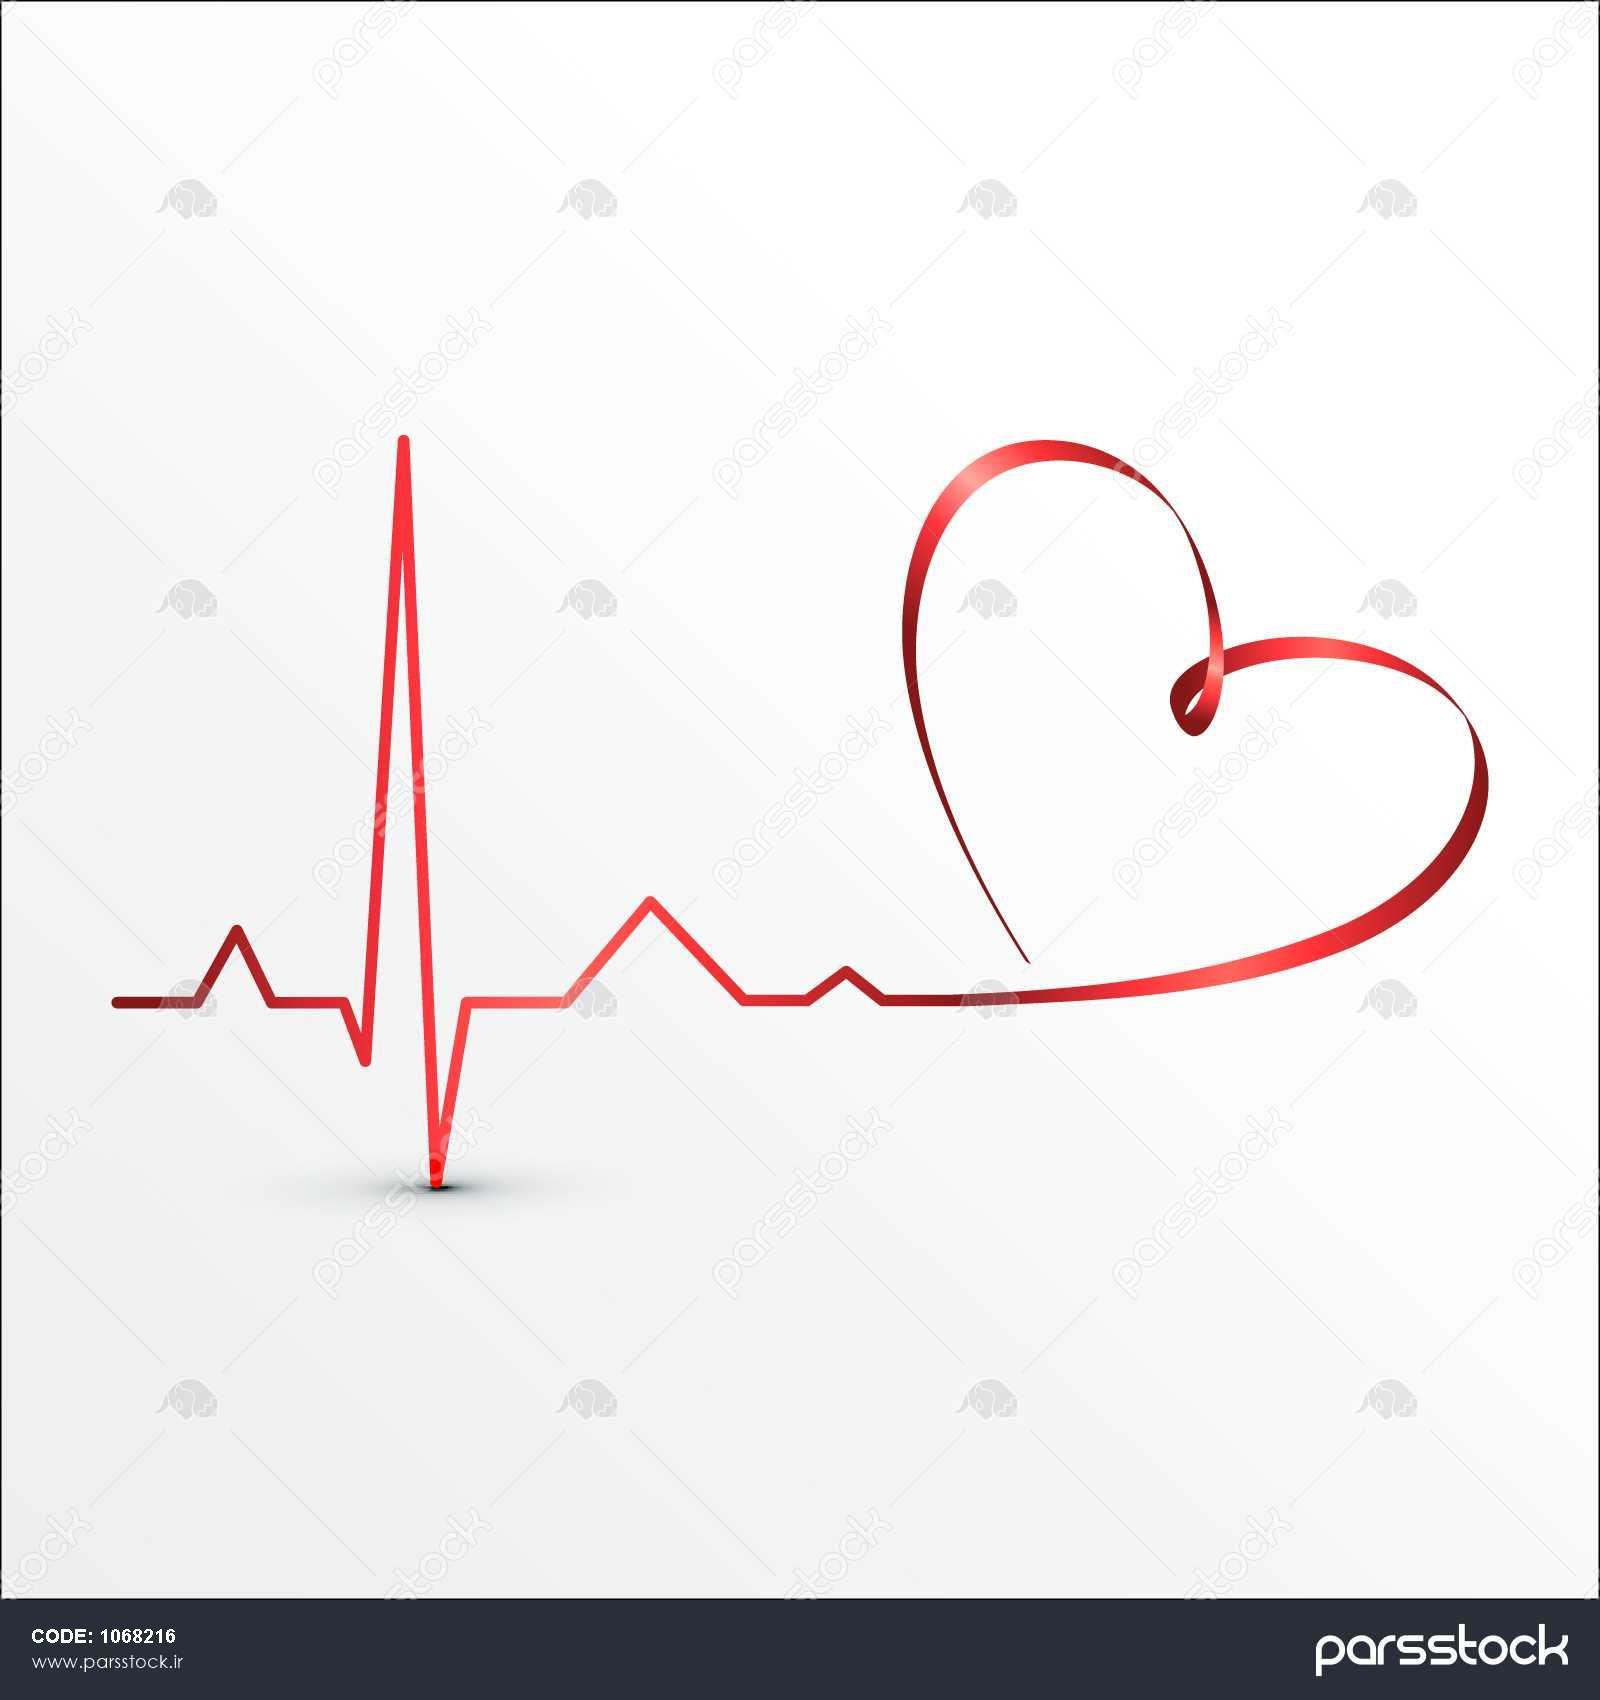 ضربان قلب آیکون Cardiogram پس زمینه پزشکی وکتور لایه باز 1068216 پارس استاک شاتر استوک پارسی